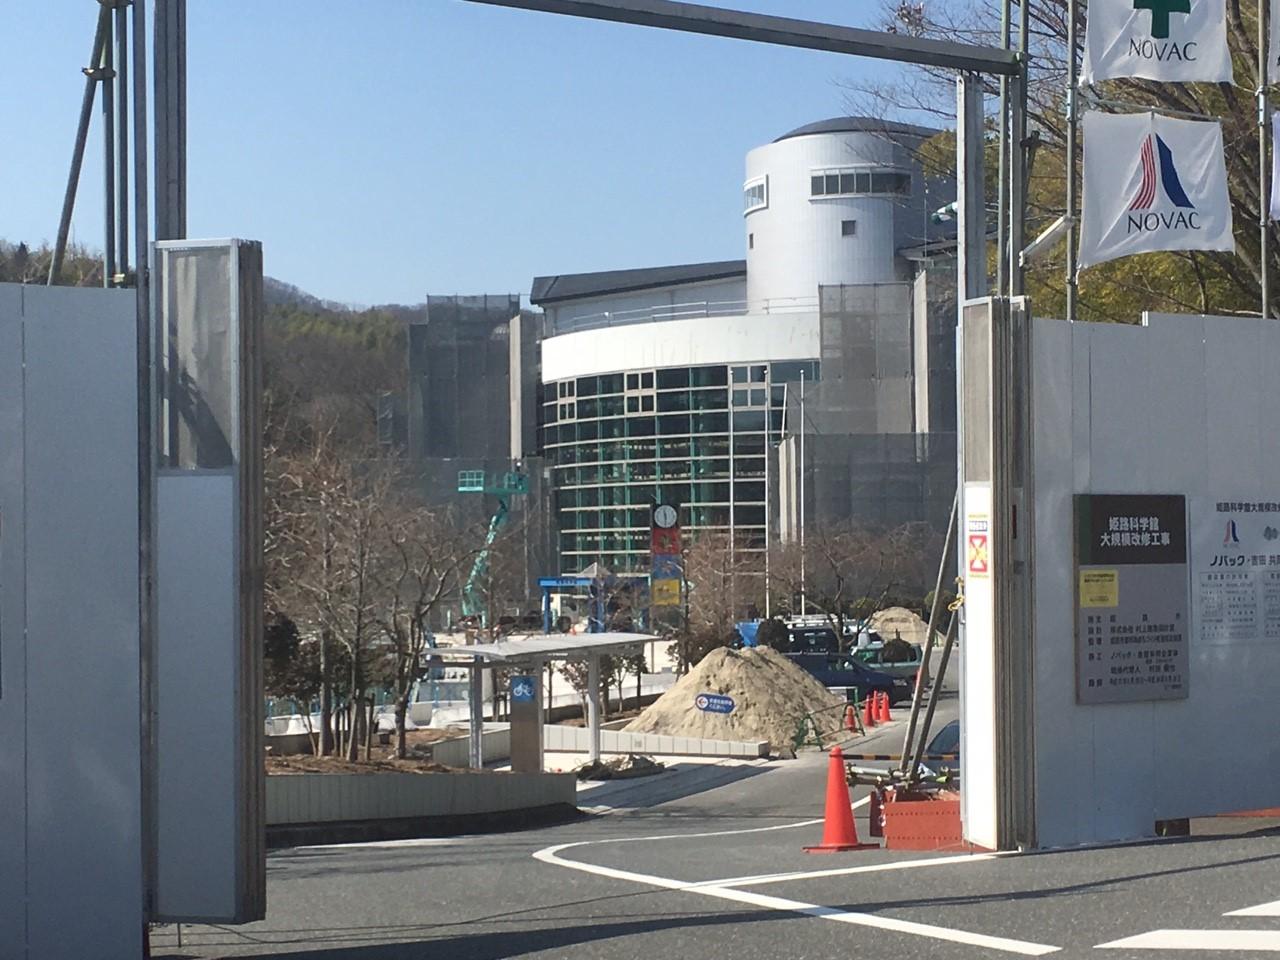 姫路科学館が大規模な改修工事をしている。_1852